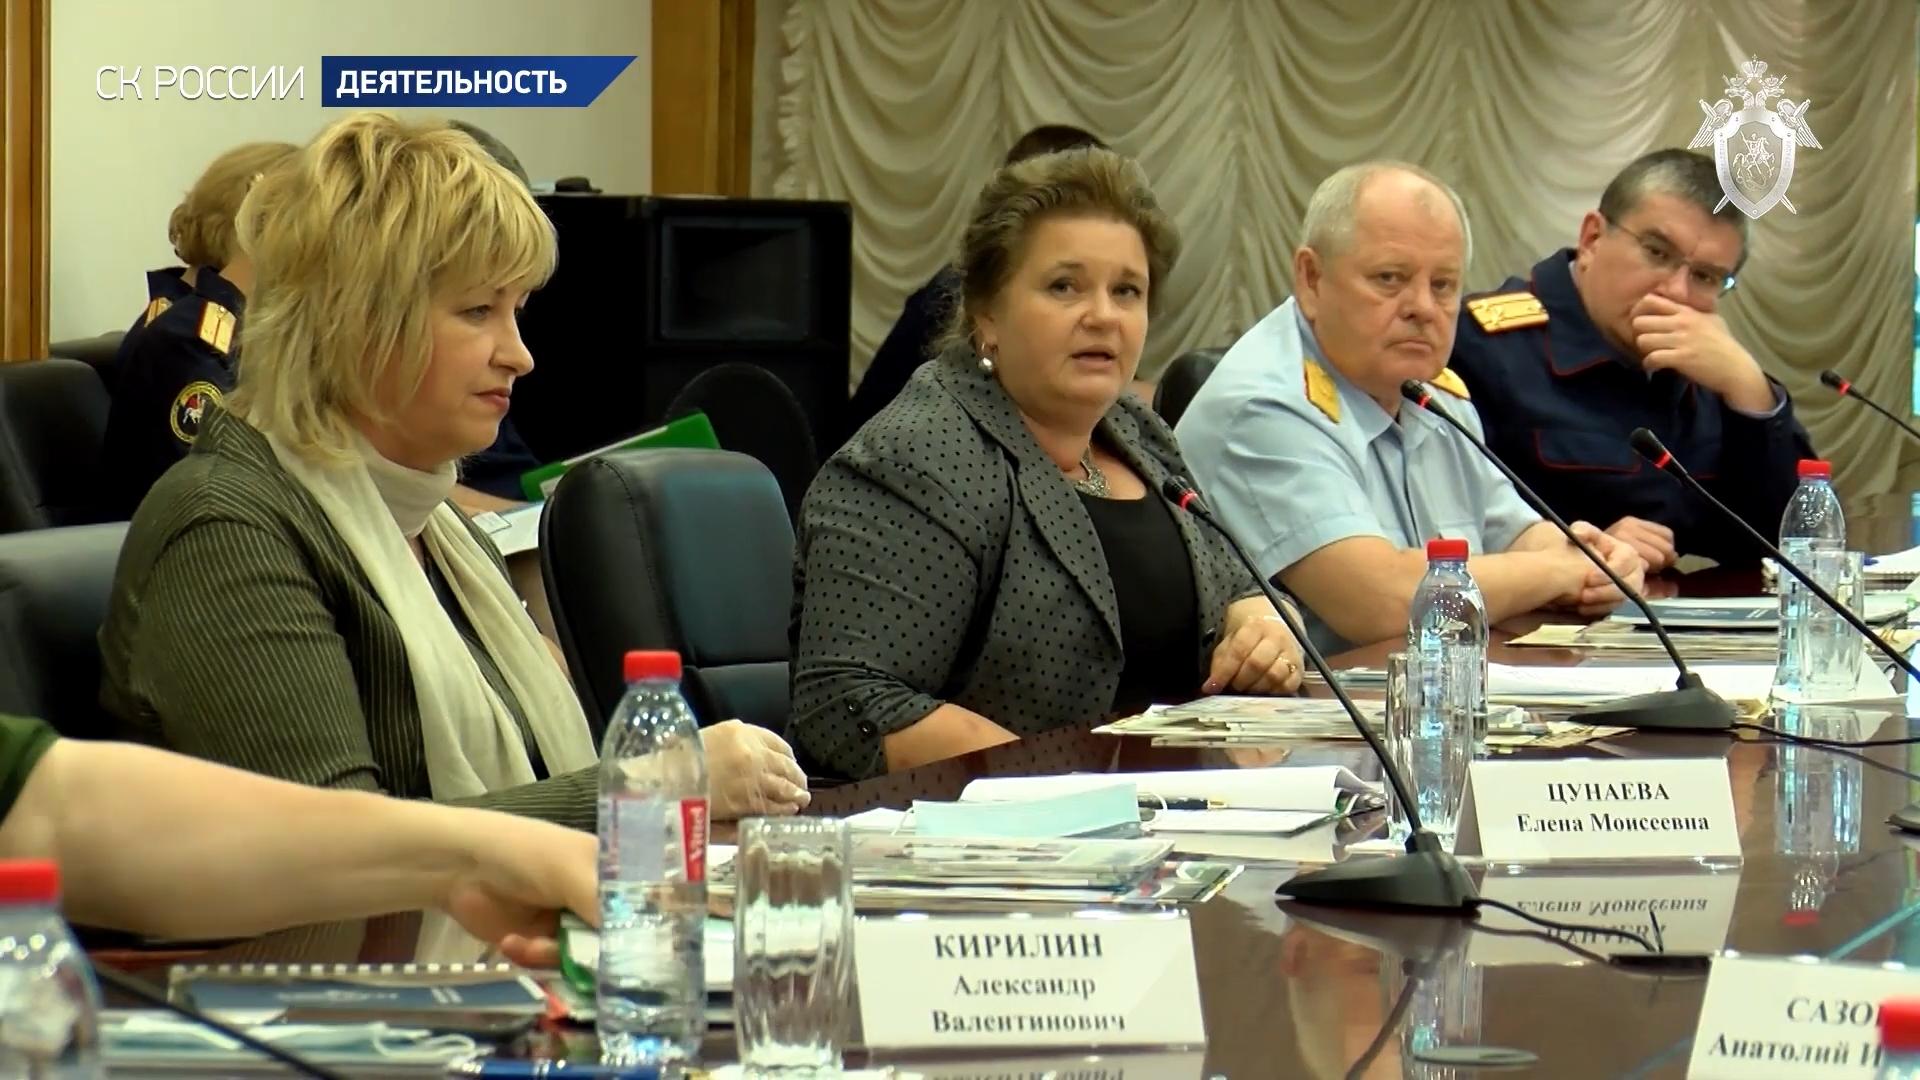 20200702-Состоялось первое заседание штаба по координации поисковой и архивной работы СК России-pic05